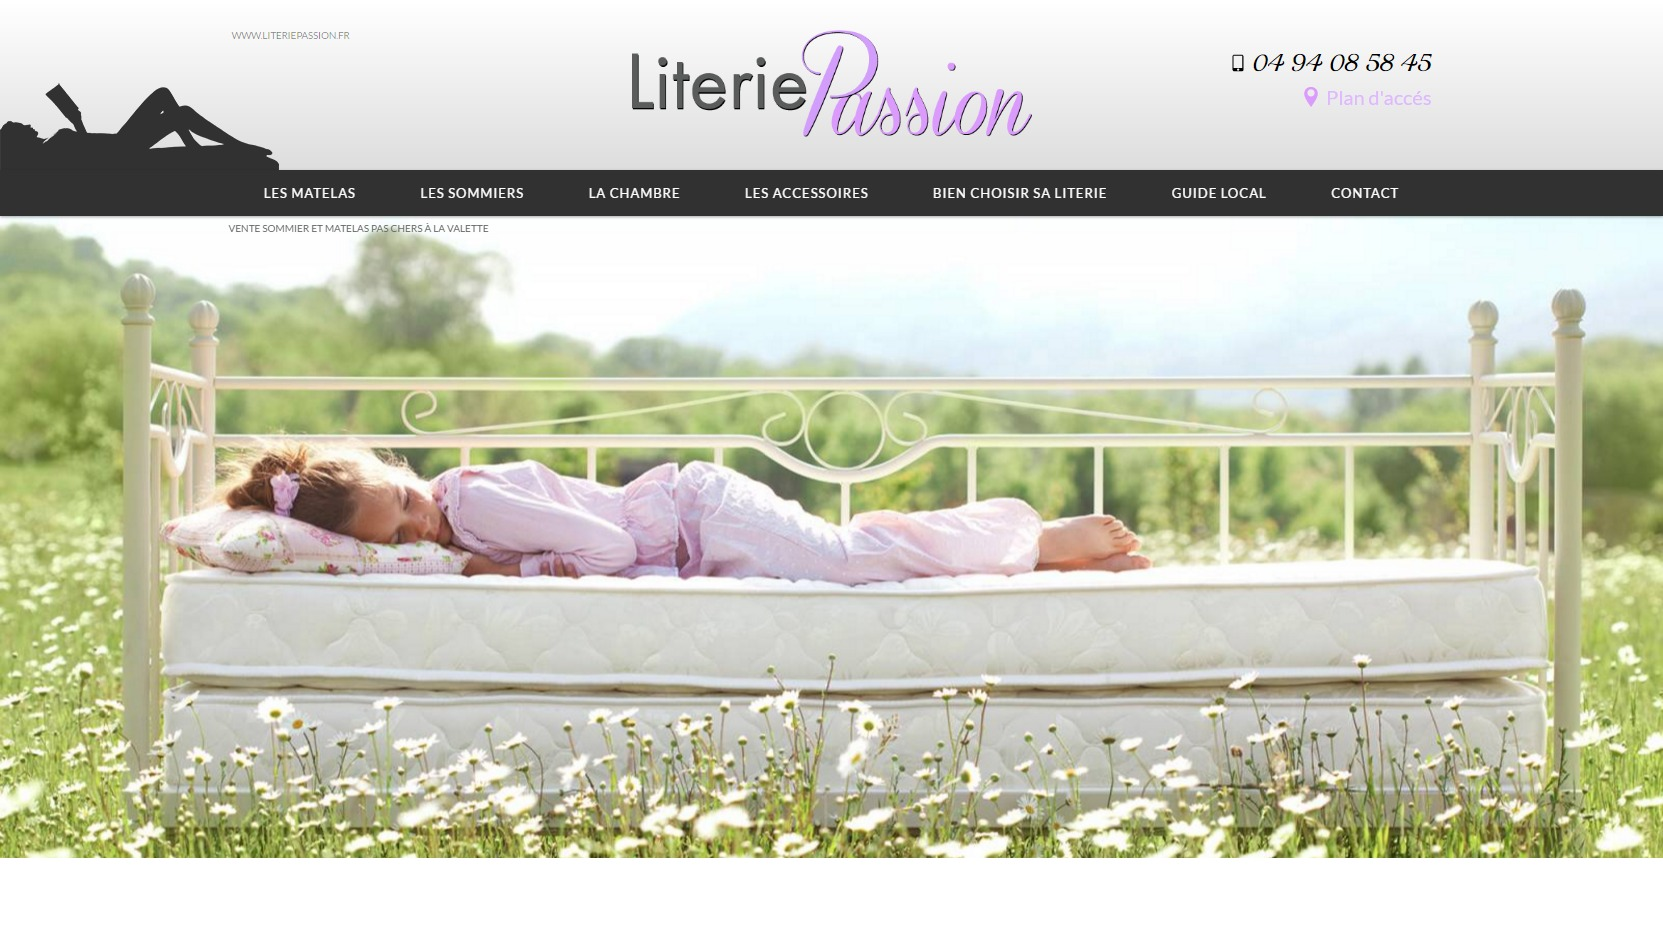 boutique de literie pas ch re sur la valette literie passion agence web marseille jalis. Black Bedroom Furniture Sets. Home Design Ideas